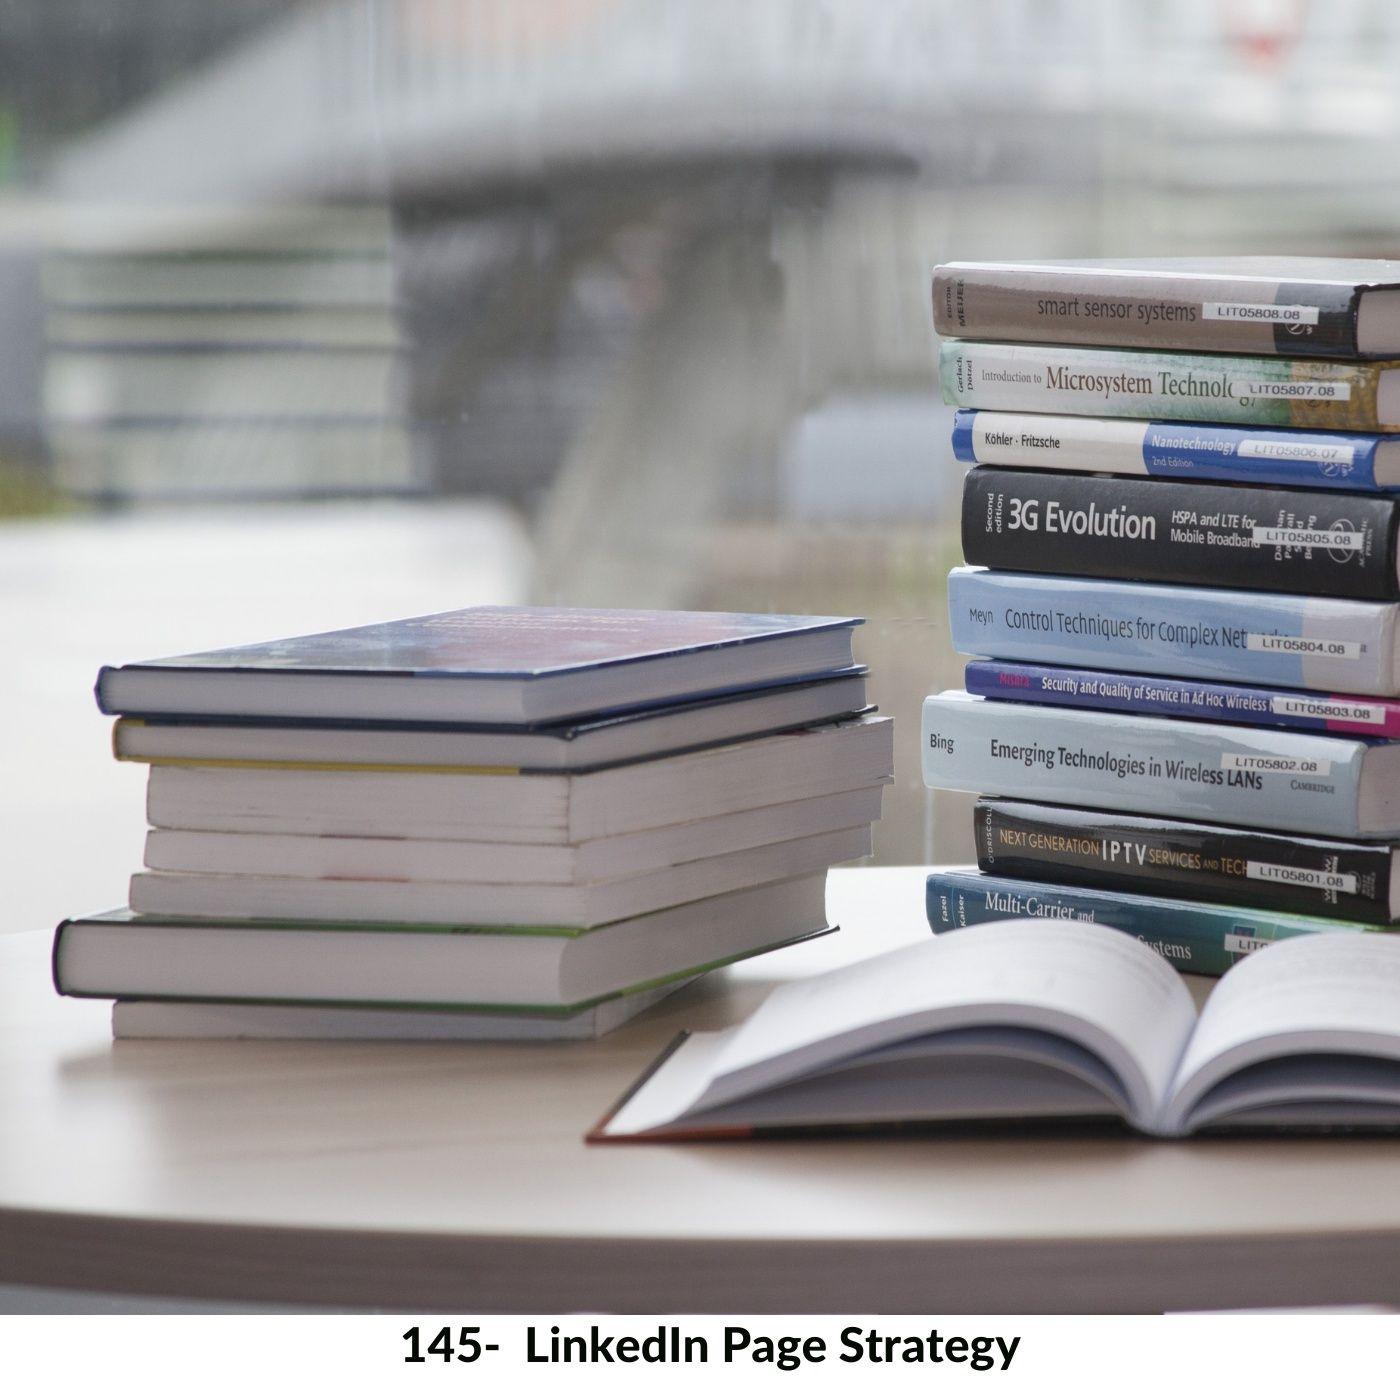 145-LinkedIn Page strategy